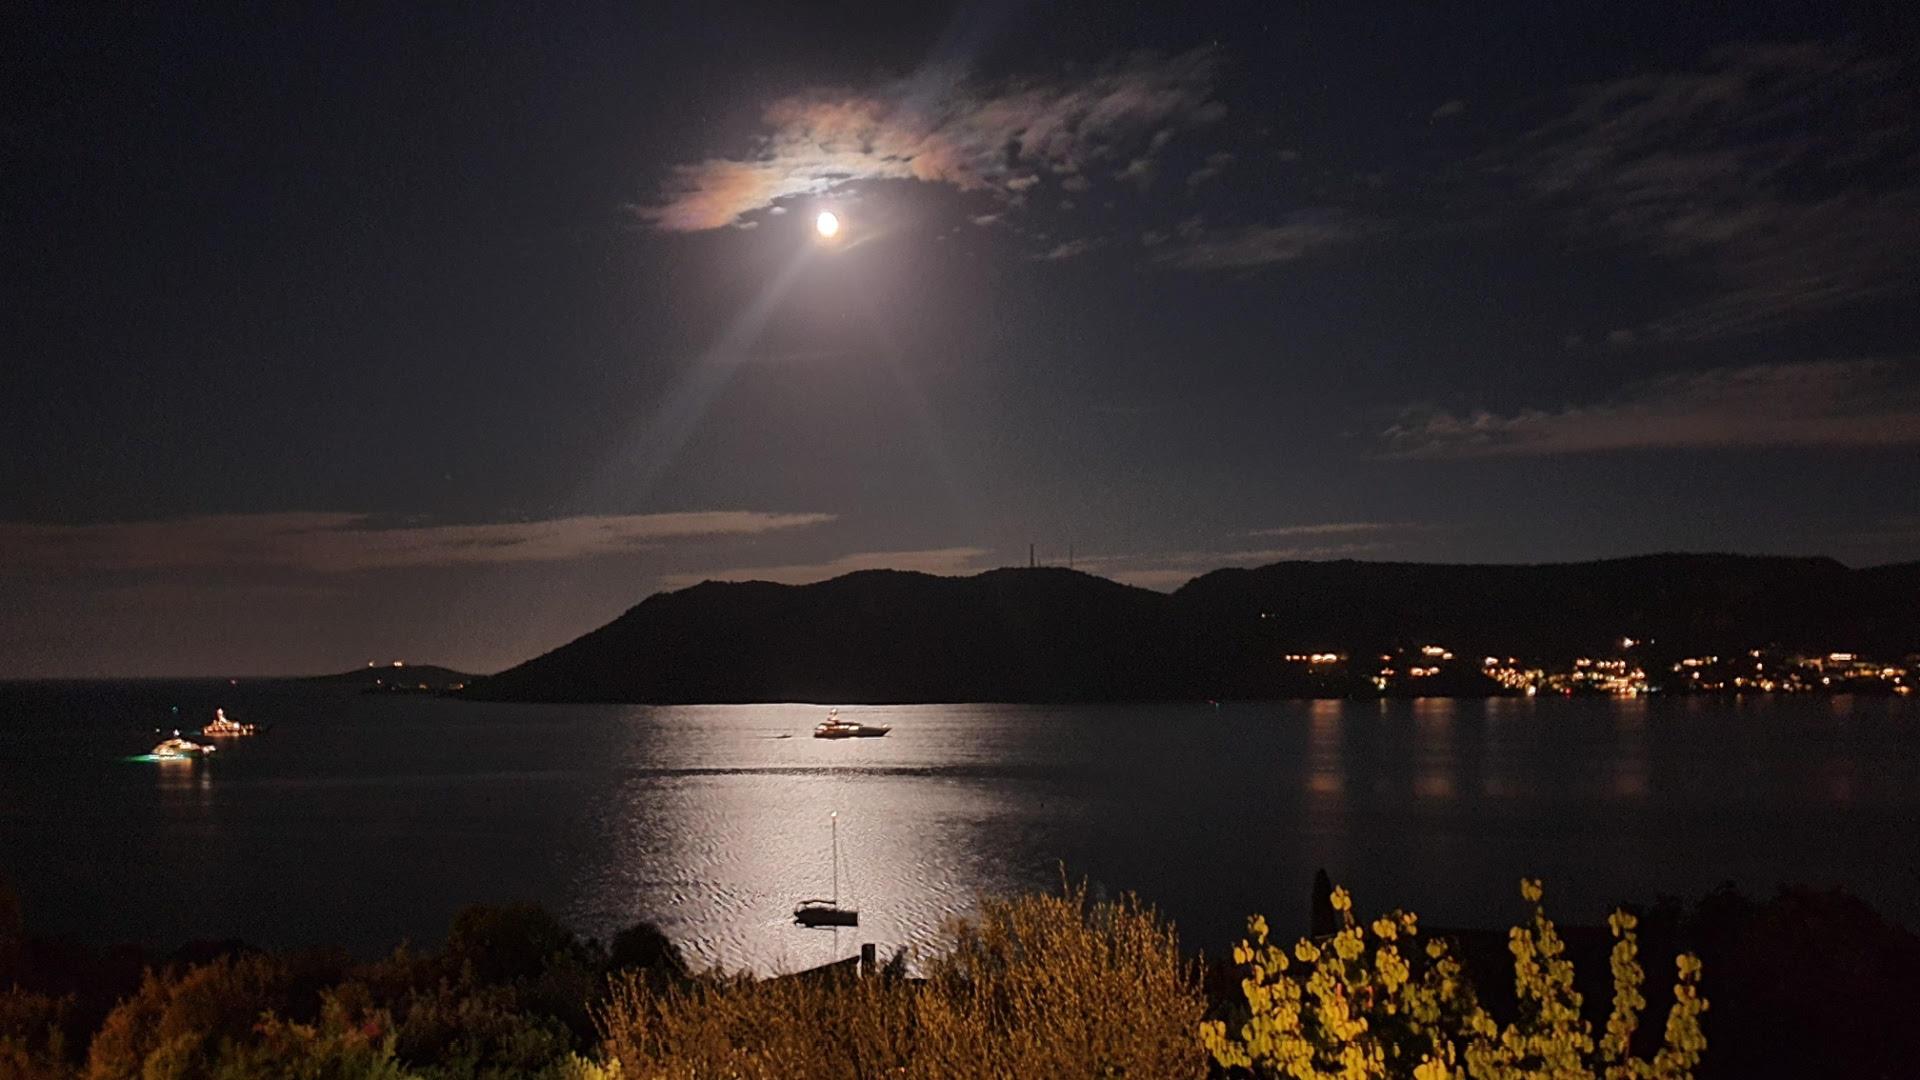 Bateaux  dans clair de lune à  Porto-vecchio.  Photo Maryse Filippi